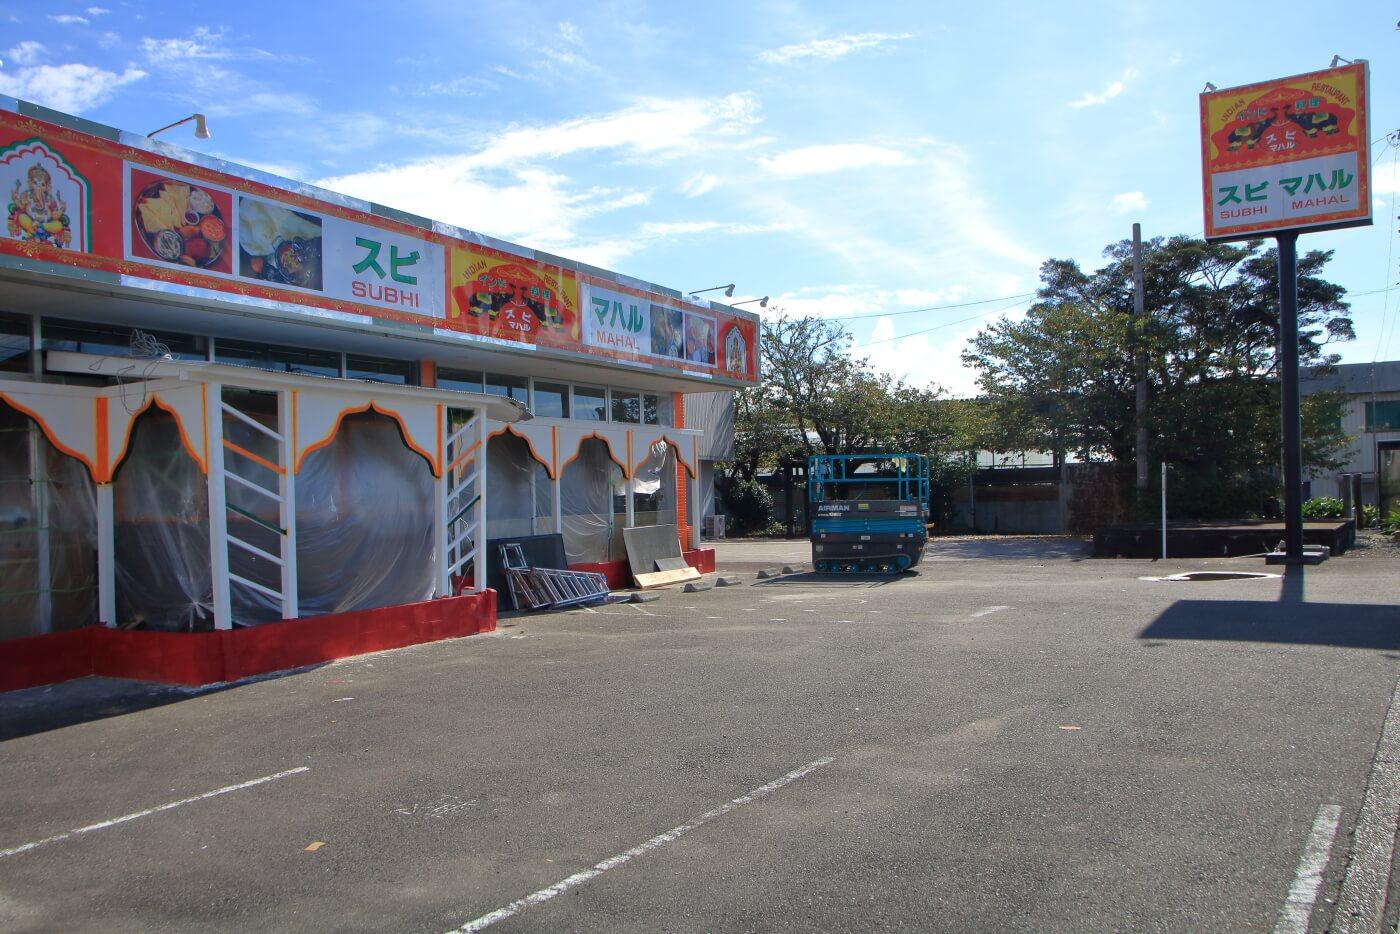 インド料理 スビマハル オープン前 改装中の店舗